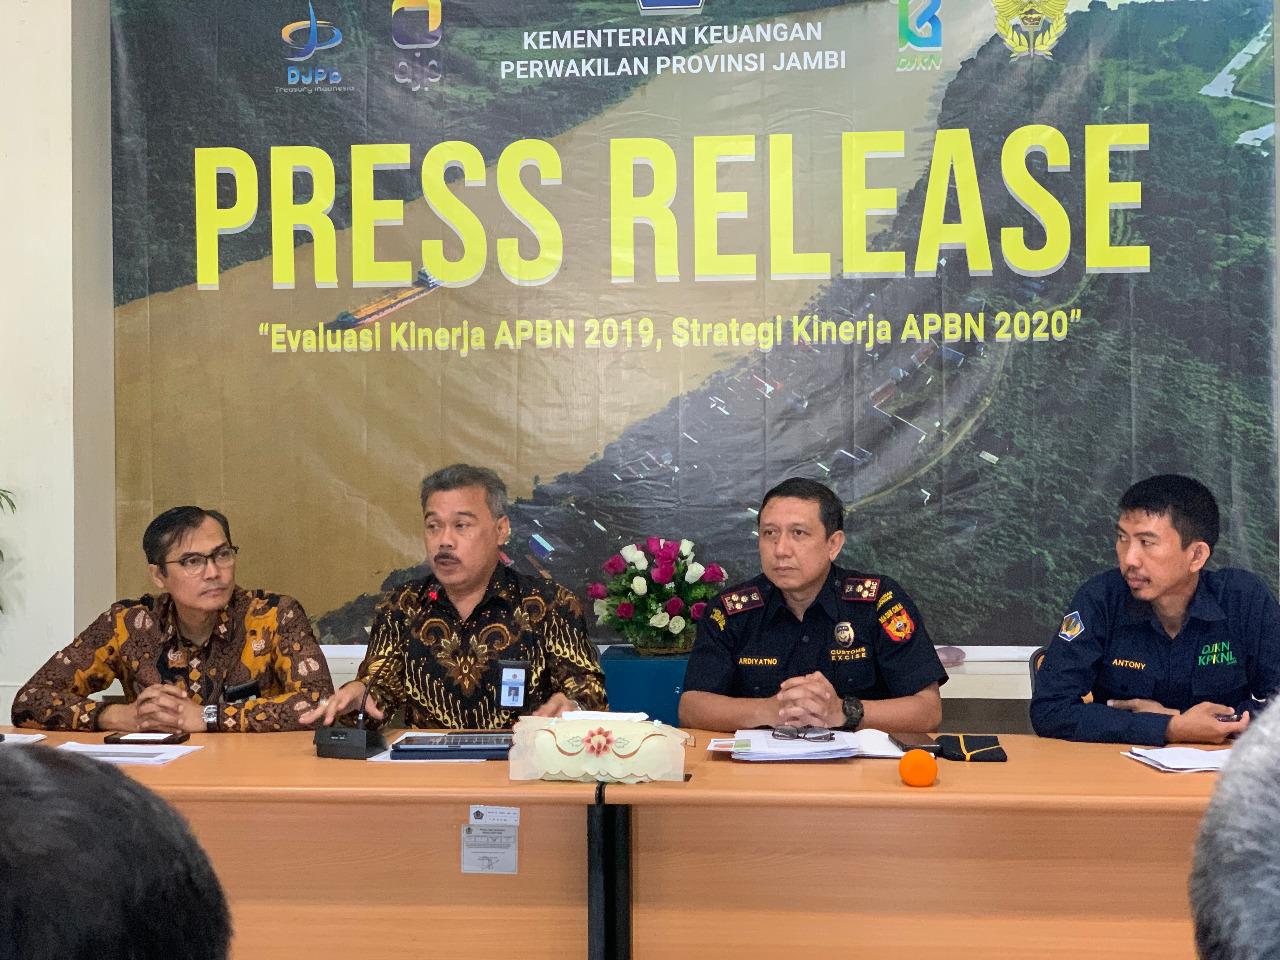 Perwakilan Kementerian Keuangan Provinsi Jambi melaksanakan Press Release Evaluasi Kinerja APBN 2019 serta Strategi Kinerja APBN 2020